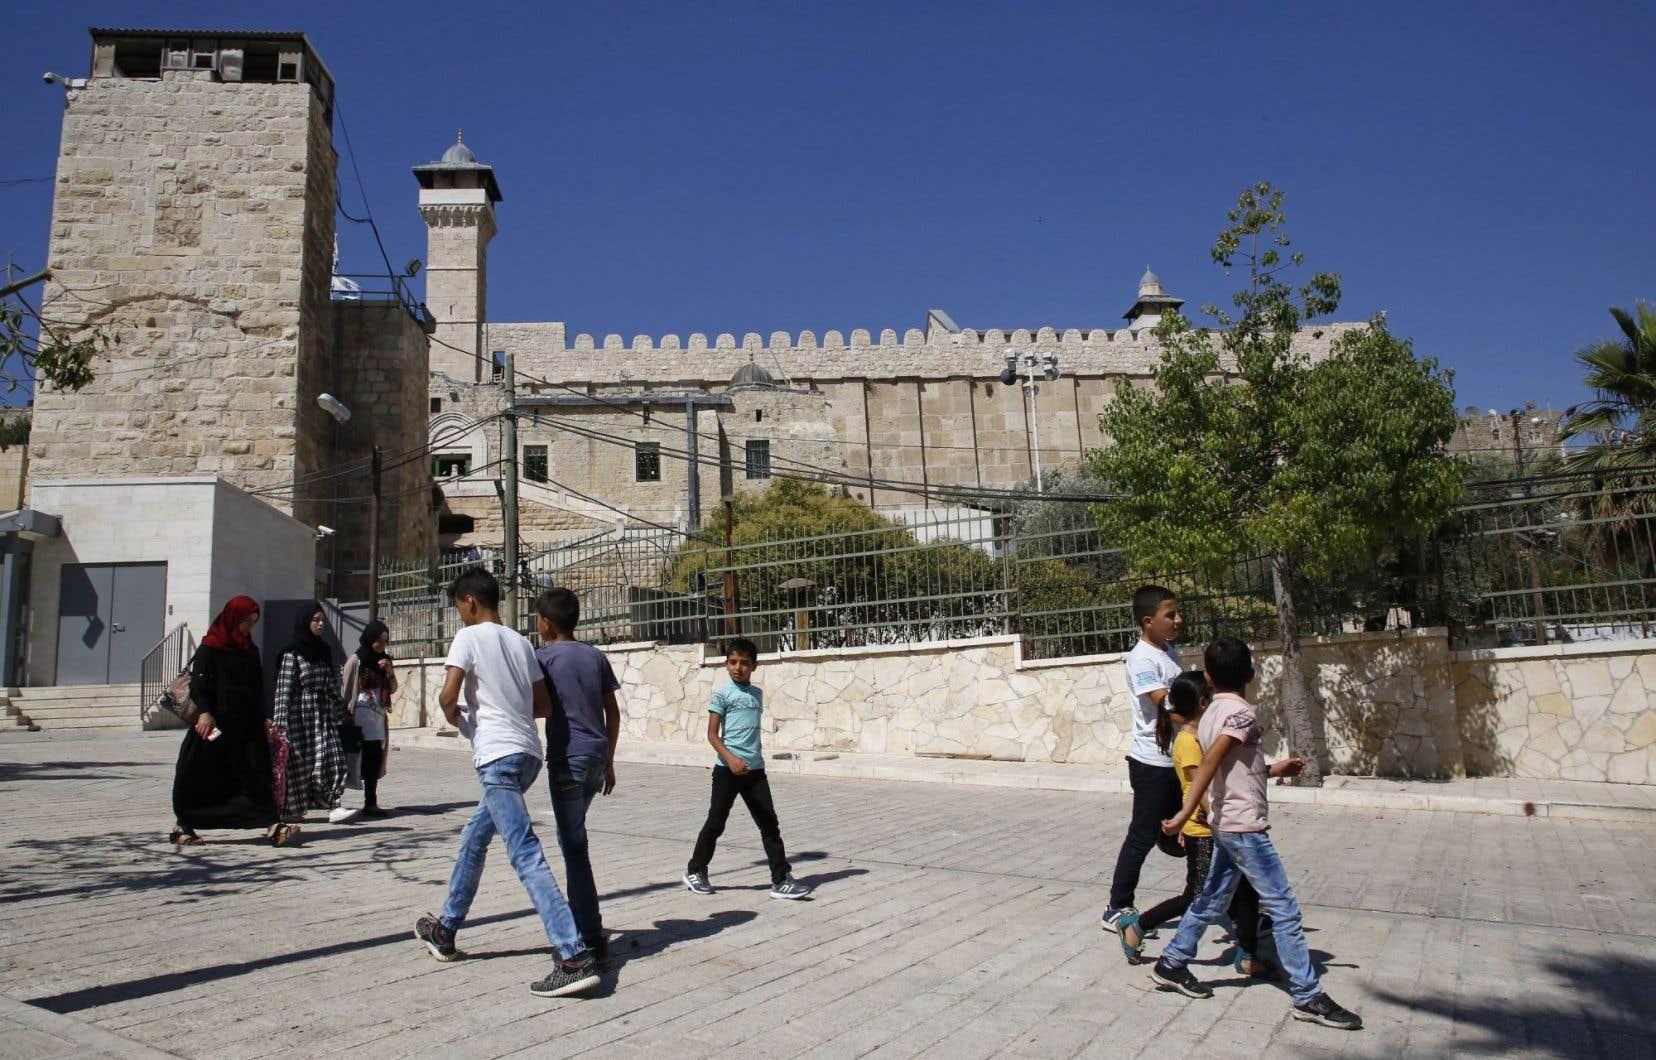 Hébron abrite une population de 200000 Palestiniens et de quelques centaines de colons israéliens, retranchés dans une enclave protégée par des soldats près du lieu saint que les juifs appellent tombeau des Patriarches et les musulmans mosquée d'Ibrahim.